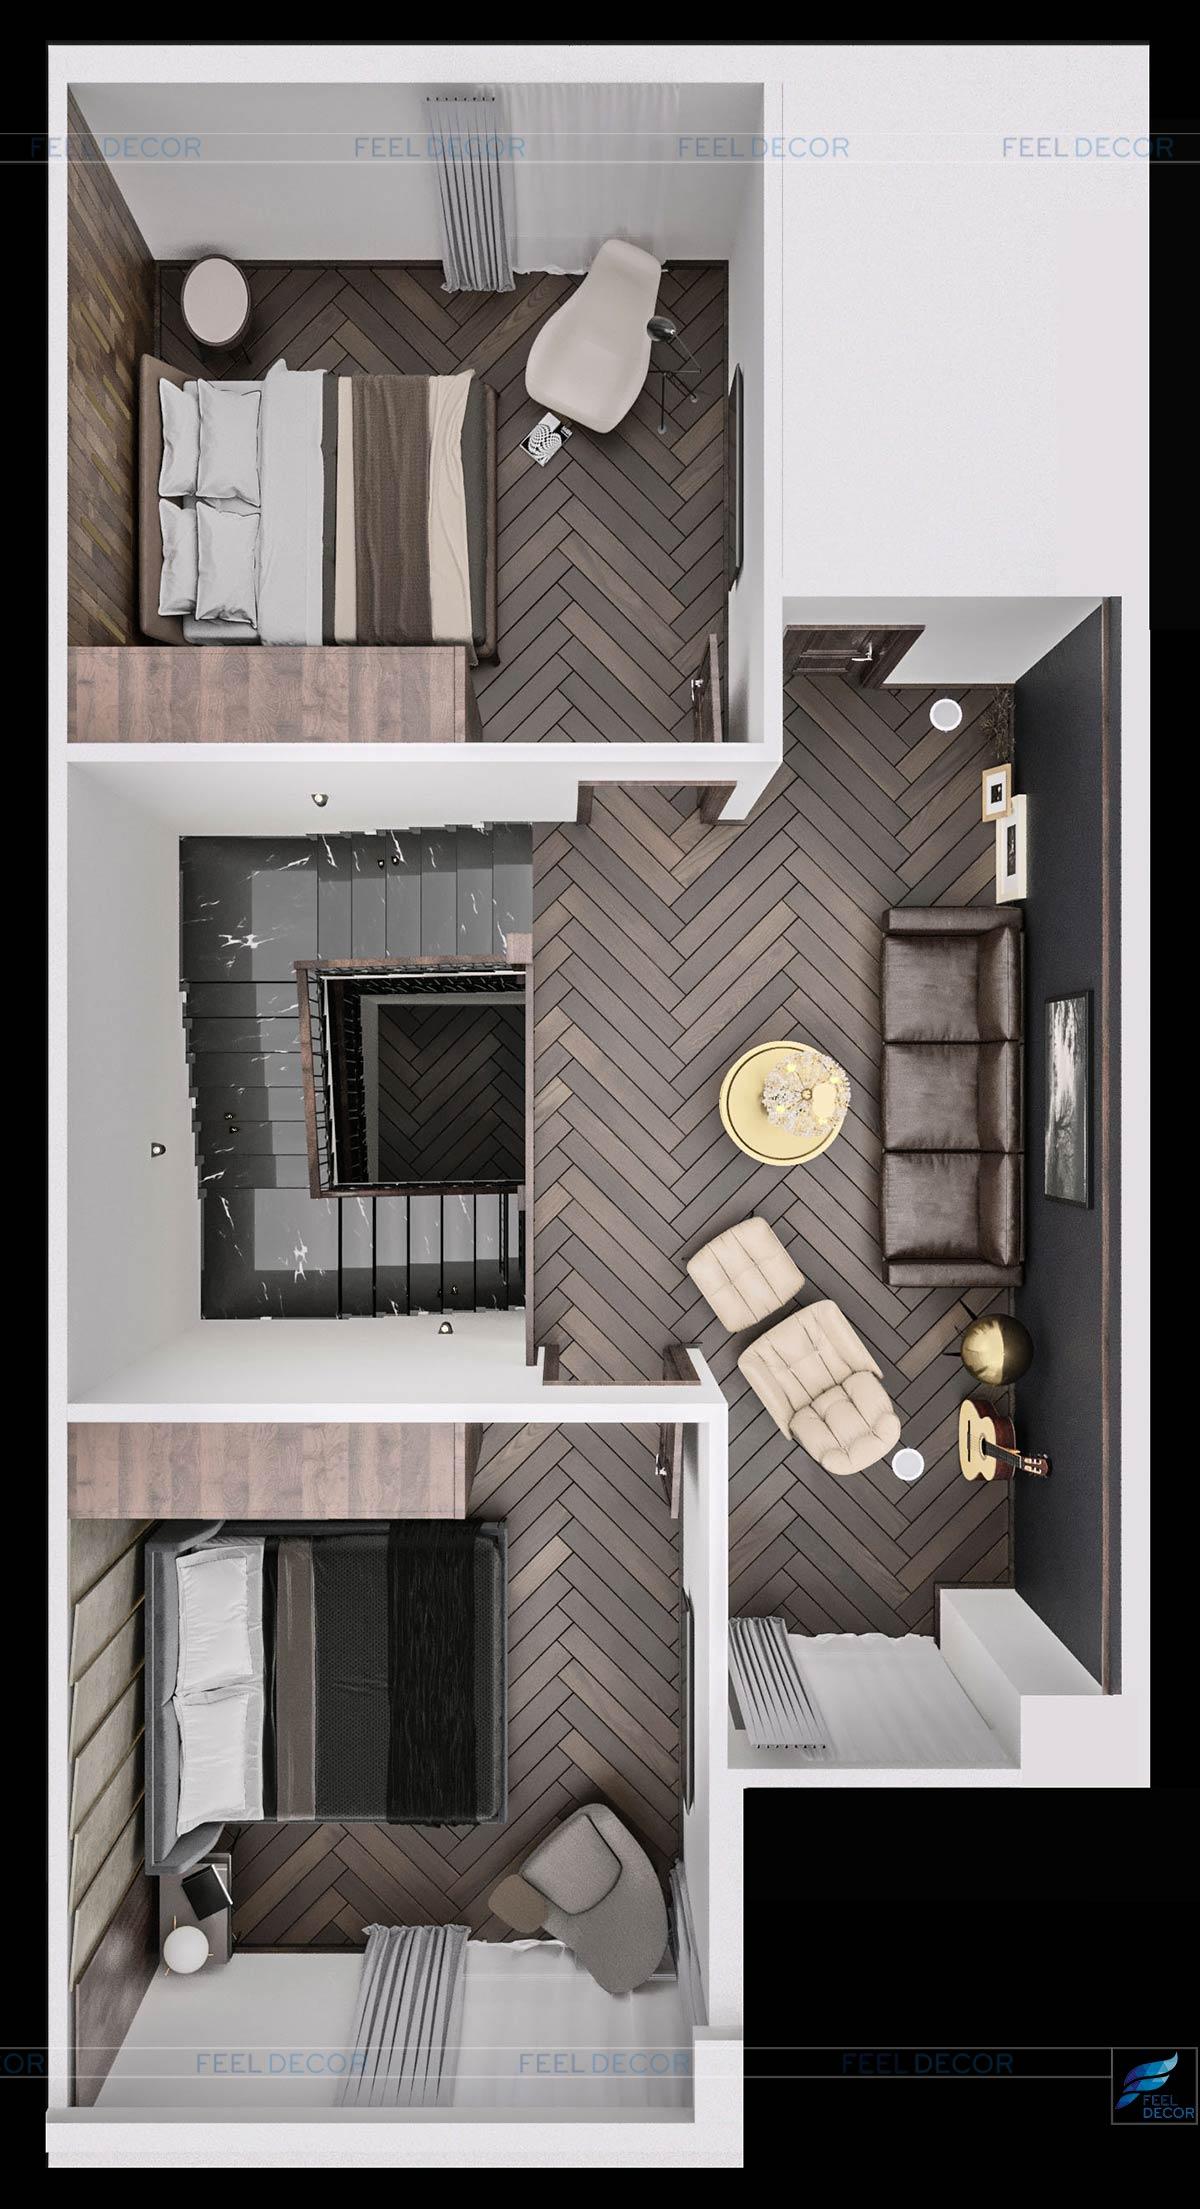 Thiết kế thi công nội thất tầng 2 căn hộ mẫu biệt thự Lavila